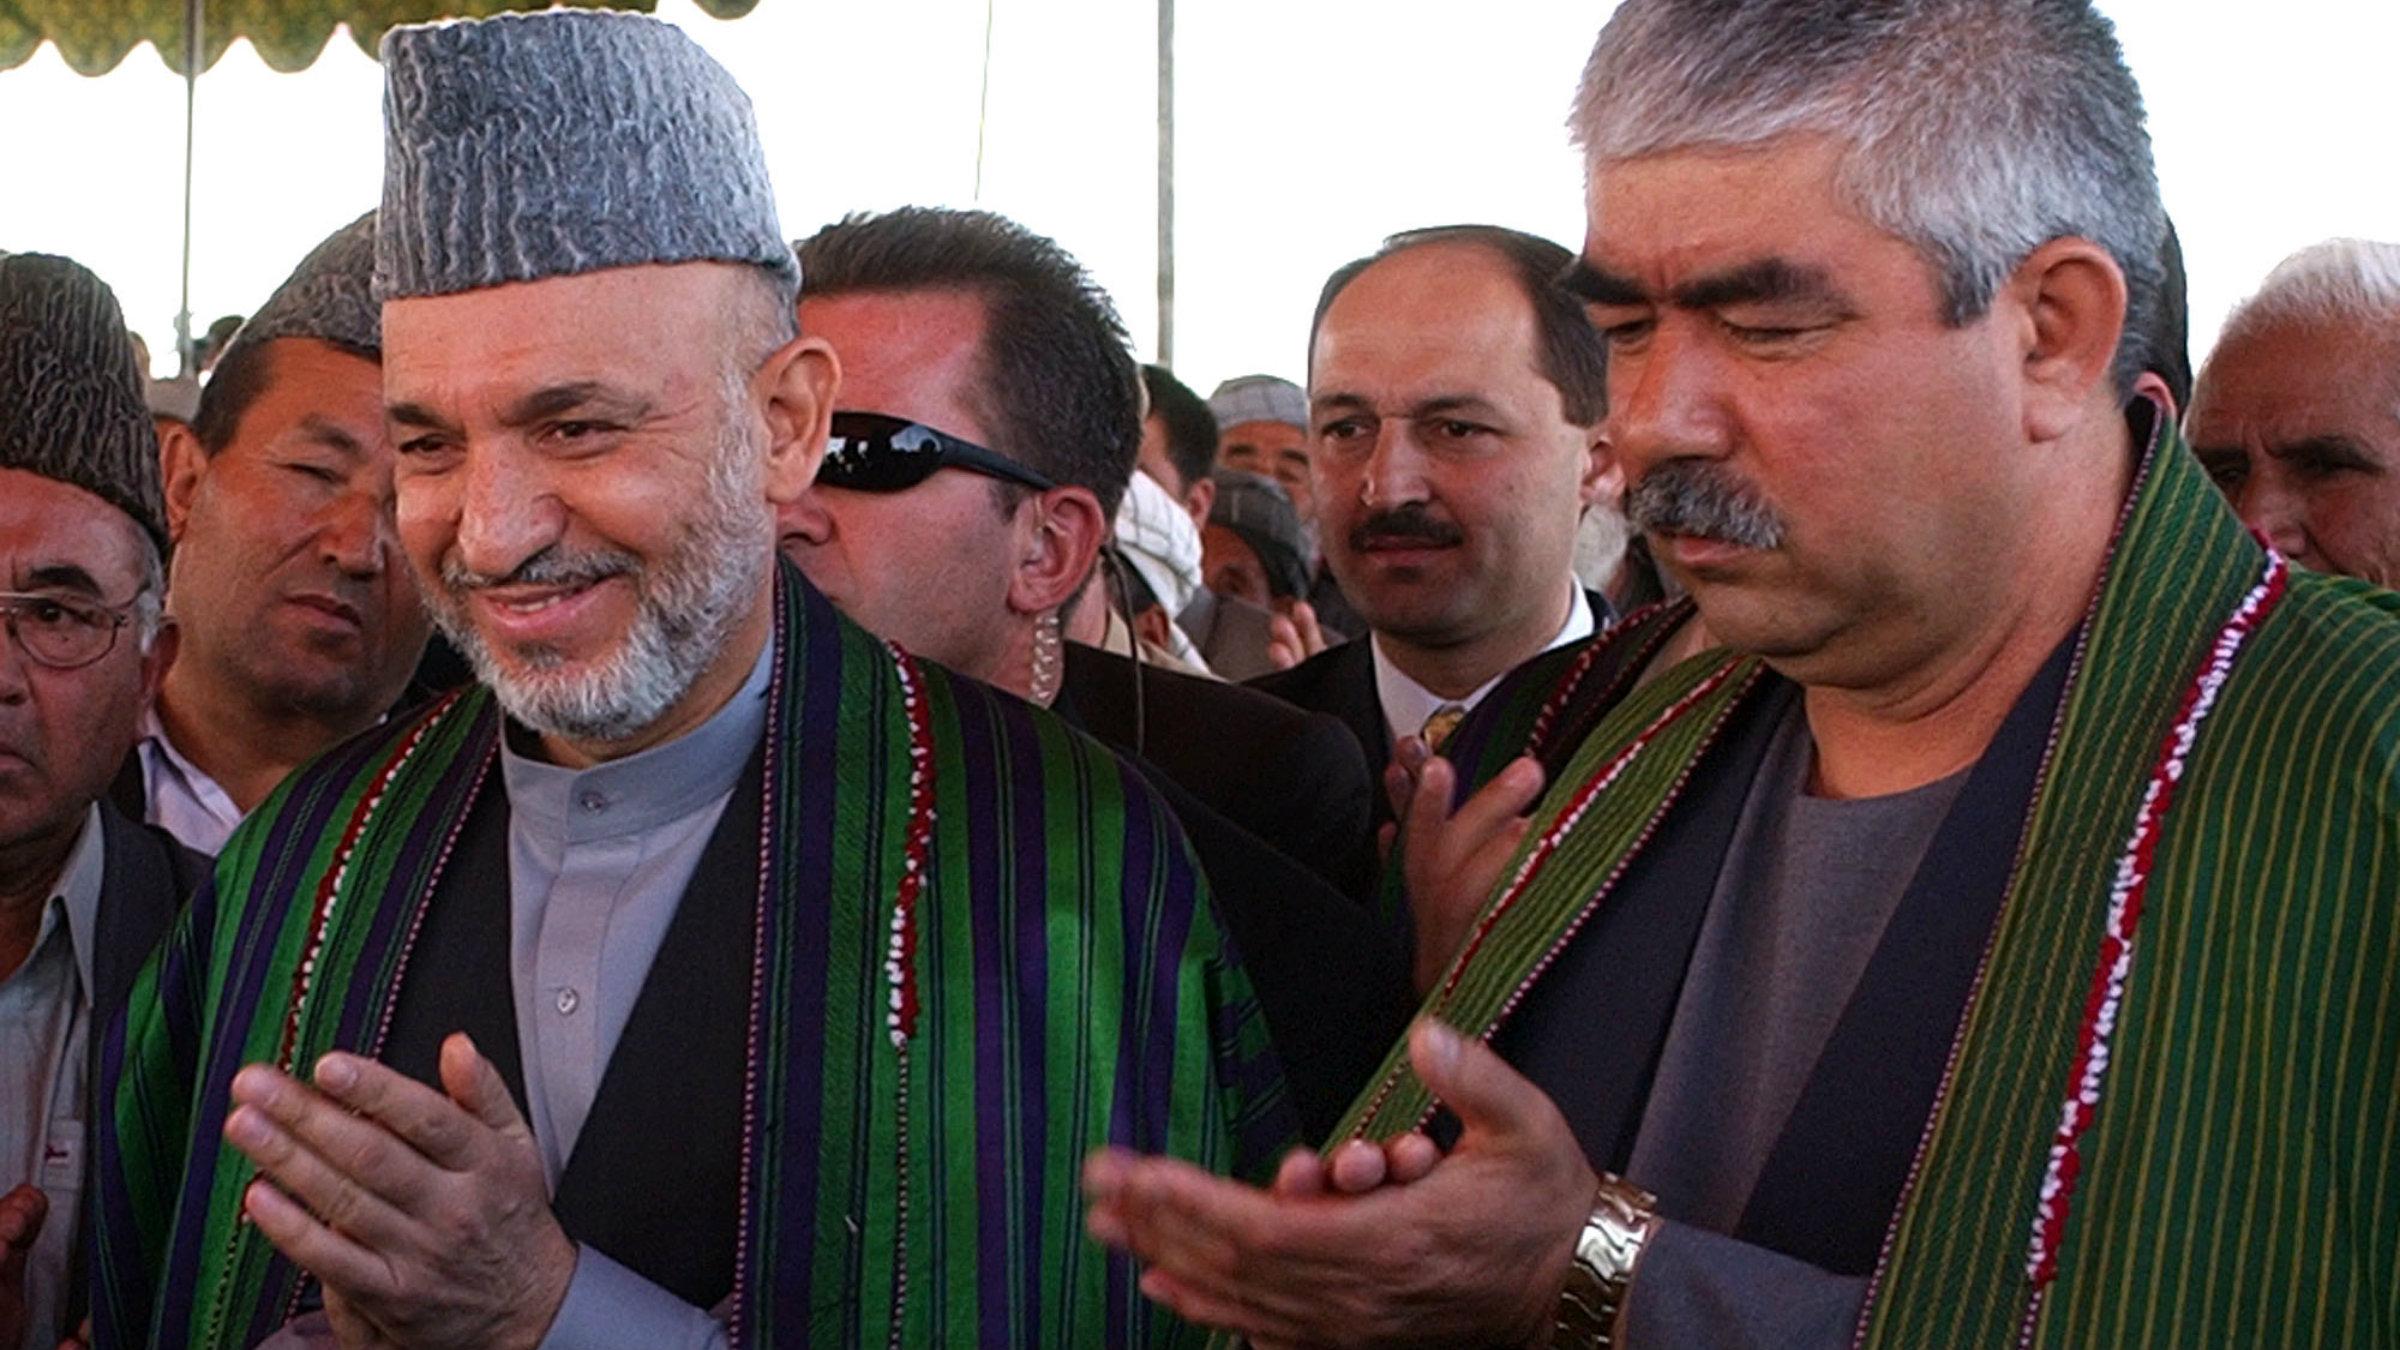 Abdul Rashid Dostum and Hamid Karzai, Afghanistan